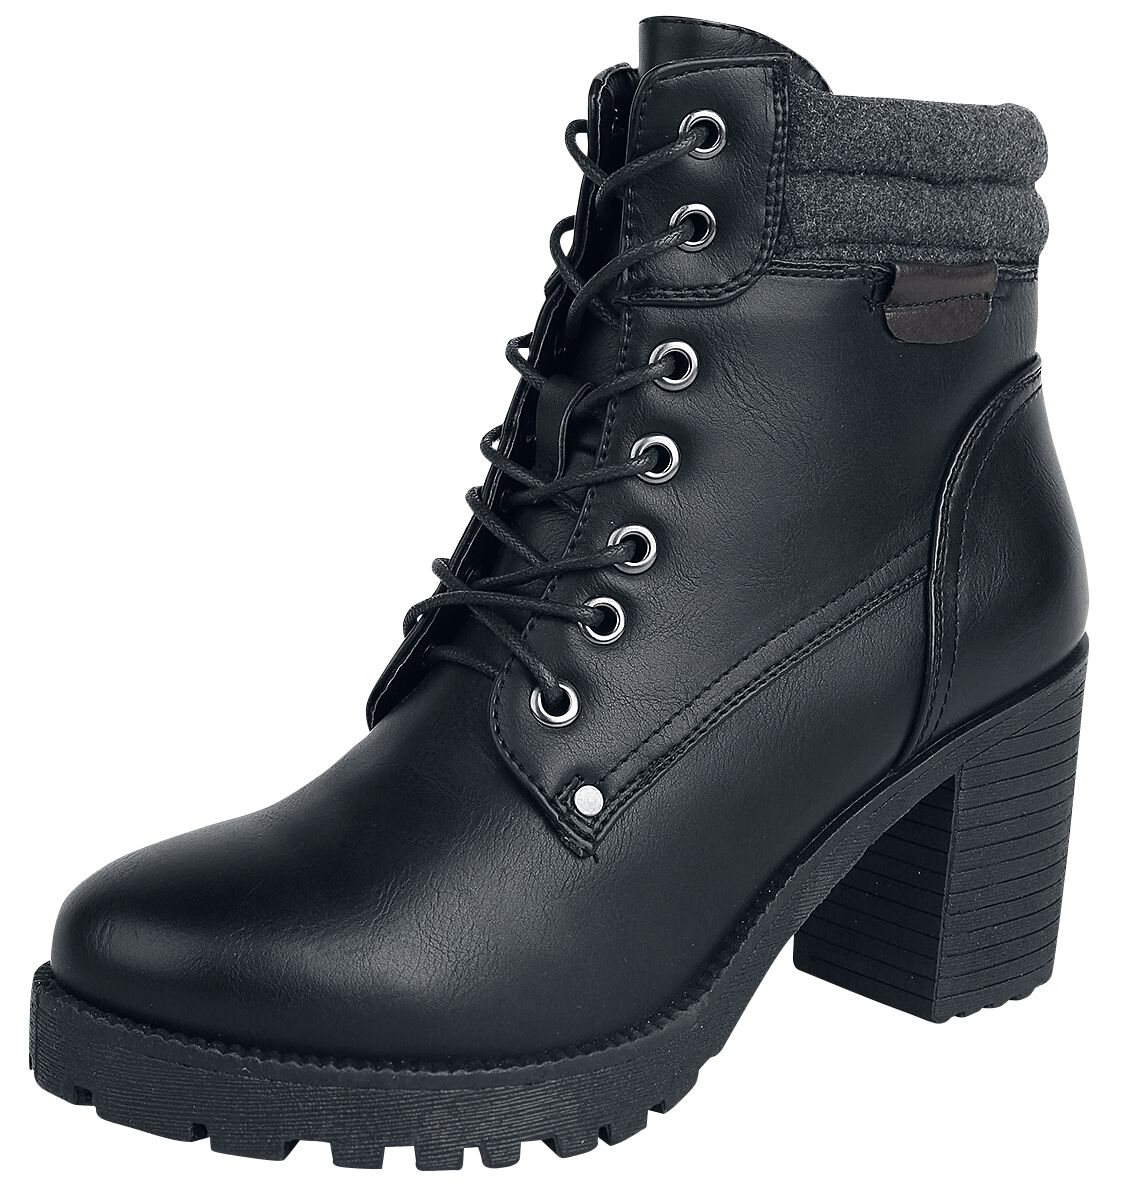 Stiefel für Frauen - Refresh Burdeos Boot Boots schwarz  - Onlineshop EMP